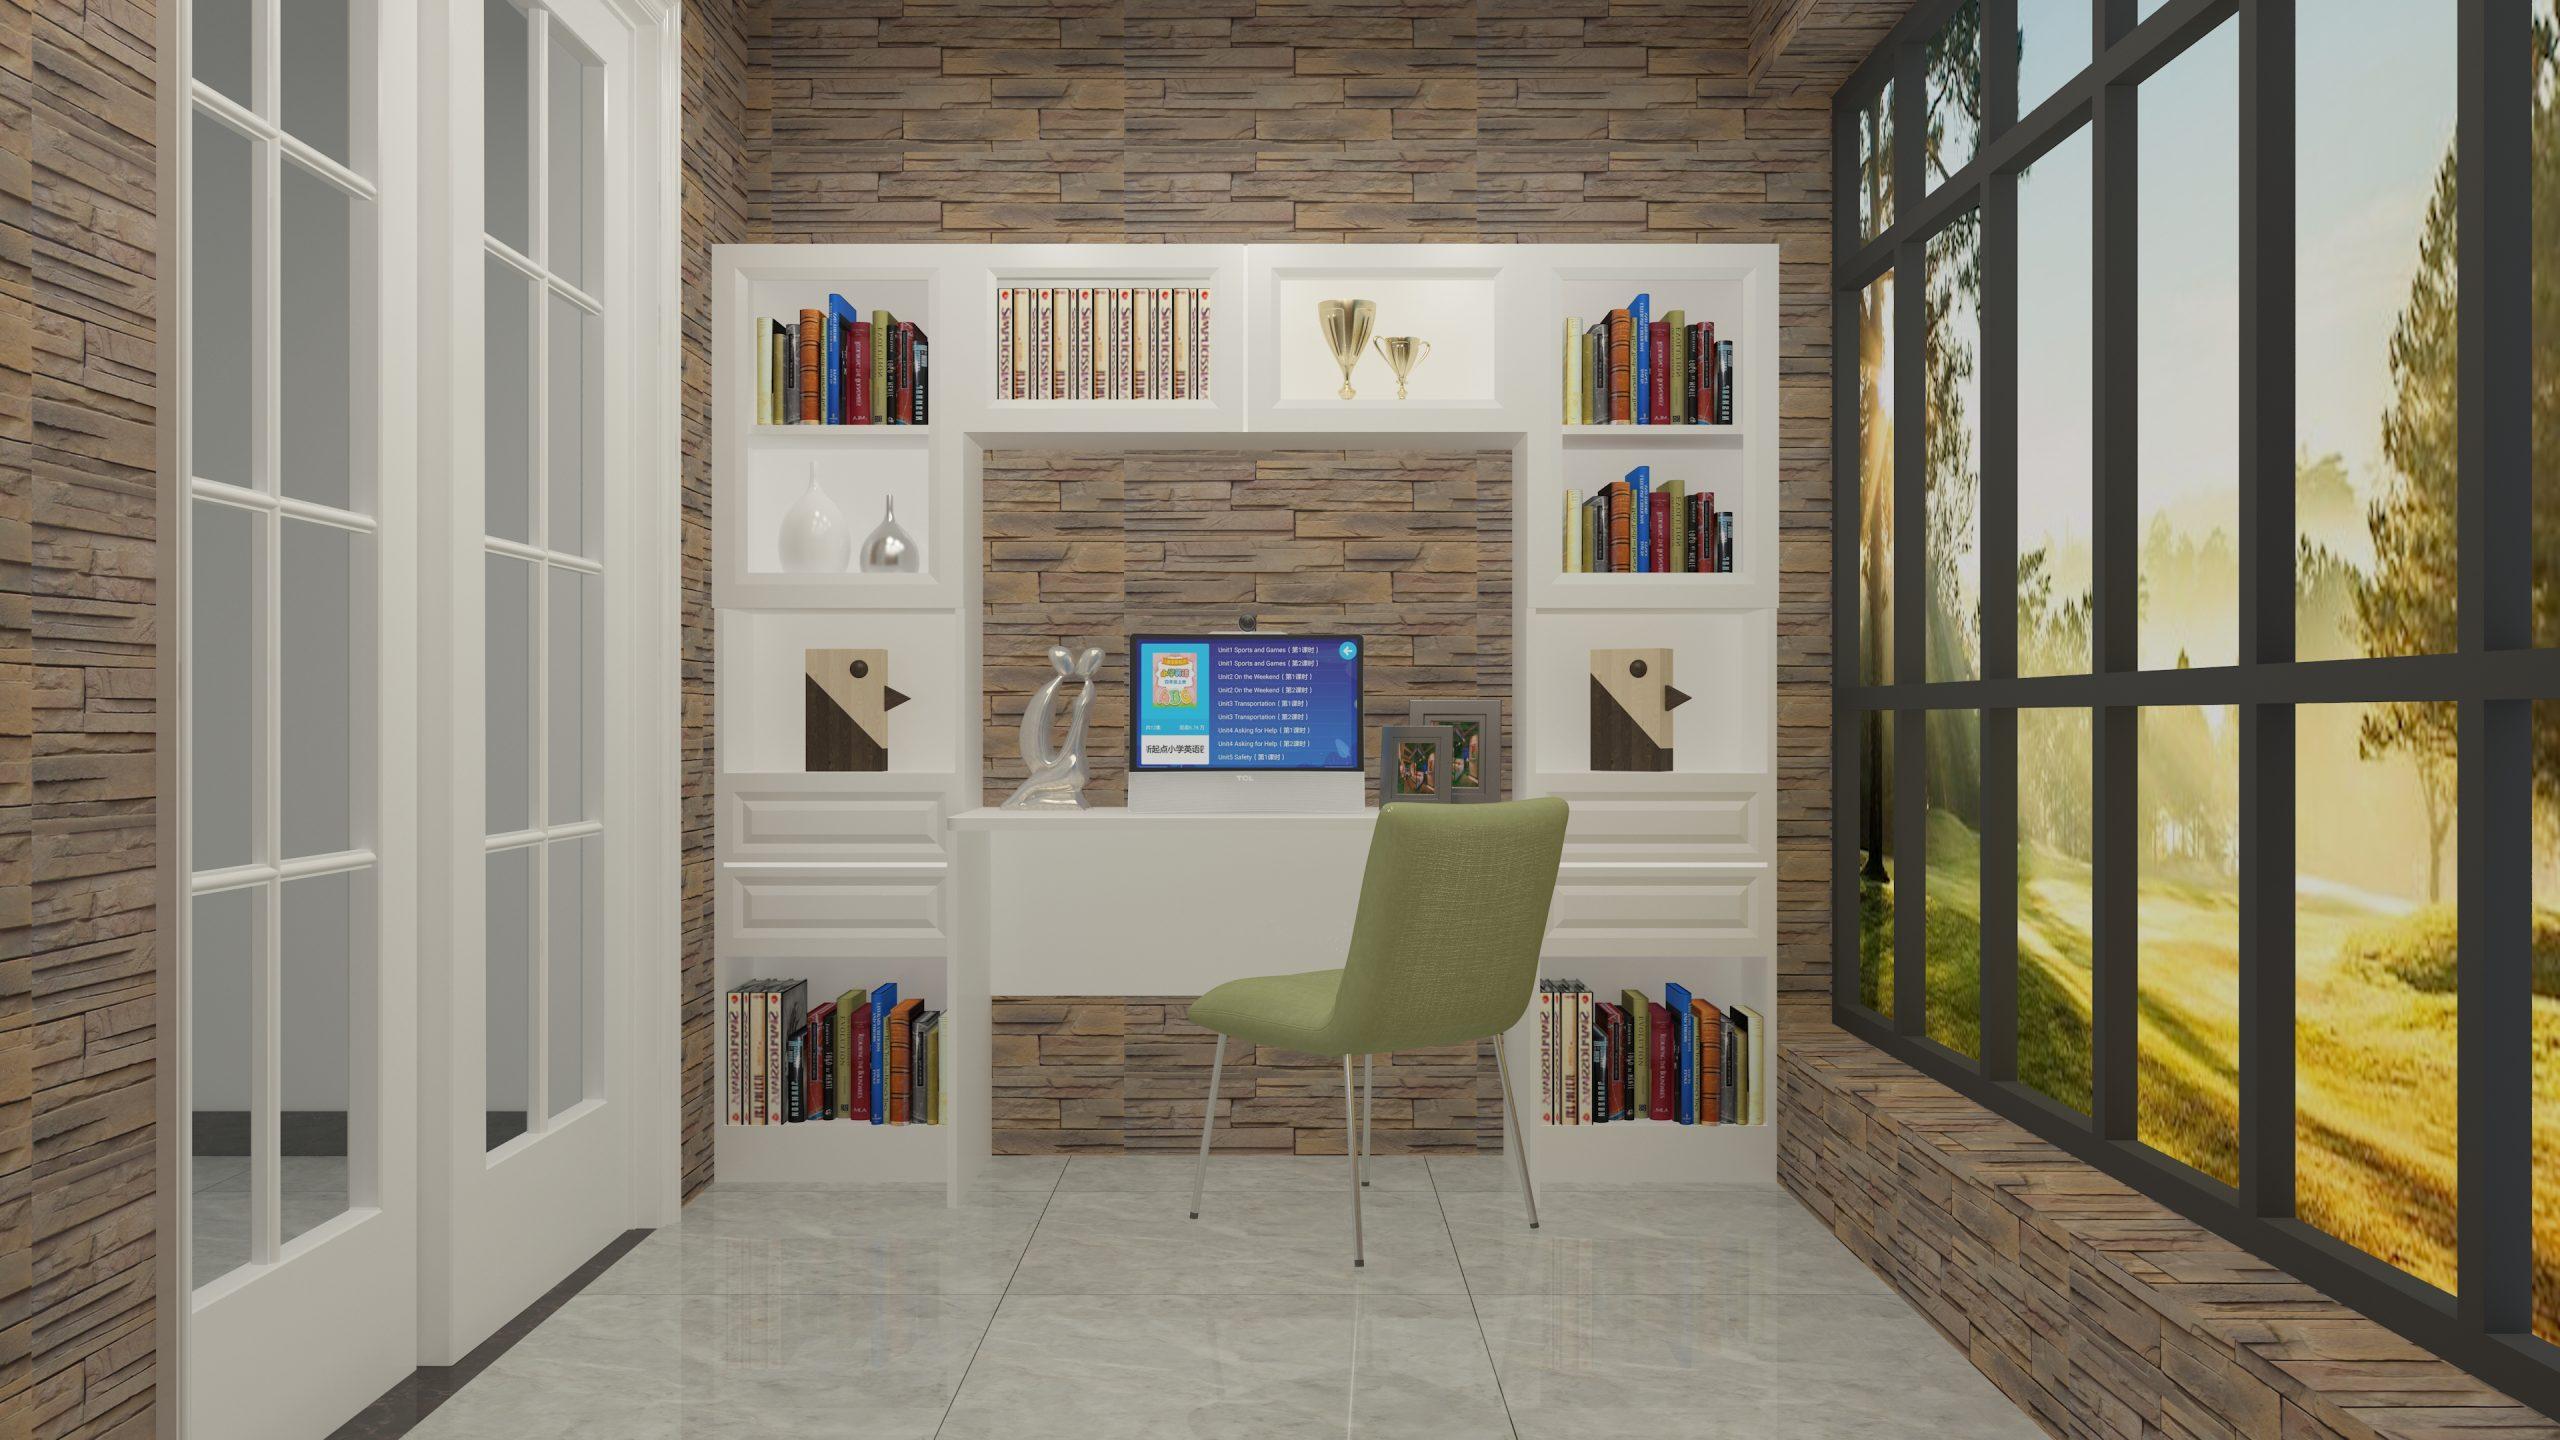 图片包含 室内, 建筑, 窗户, 房间  描述已自动生成